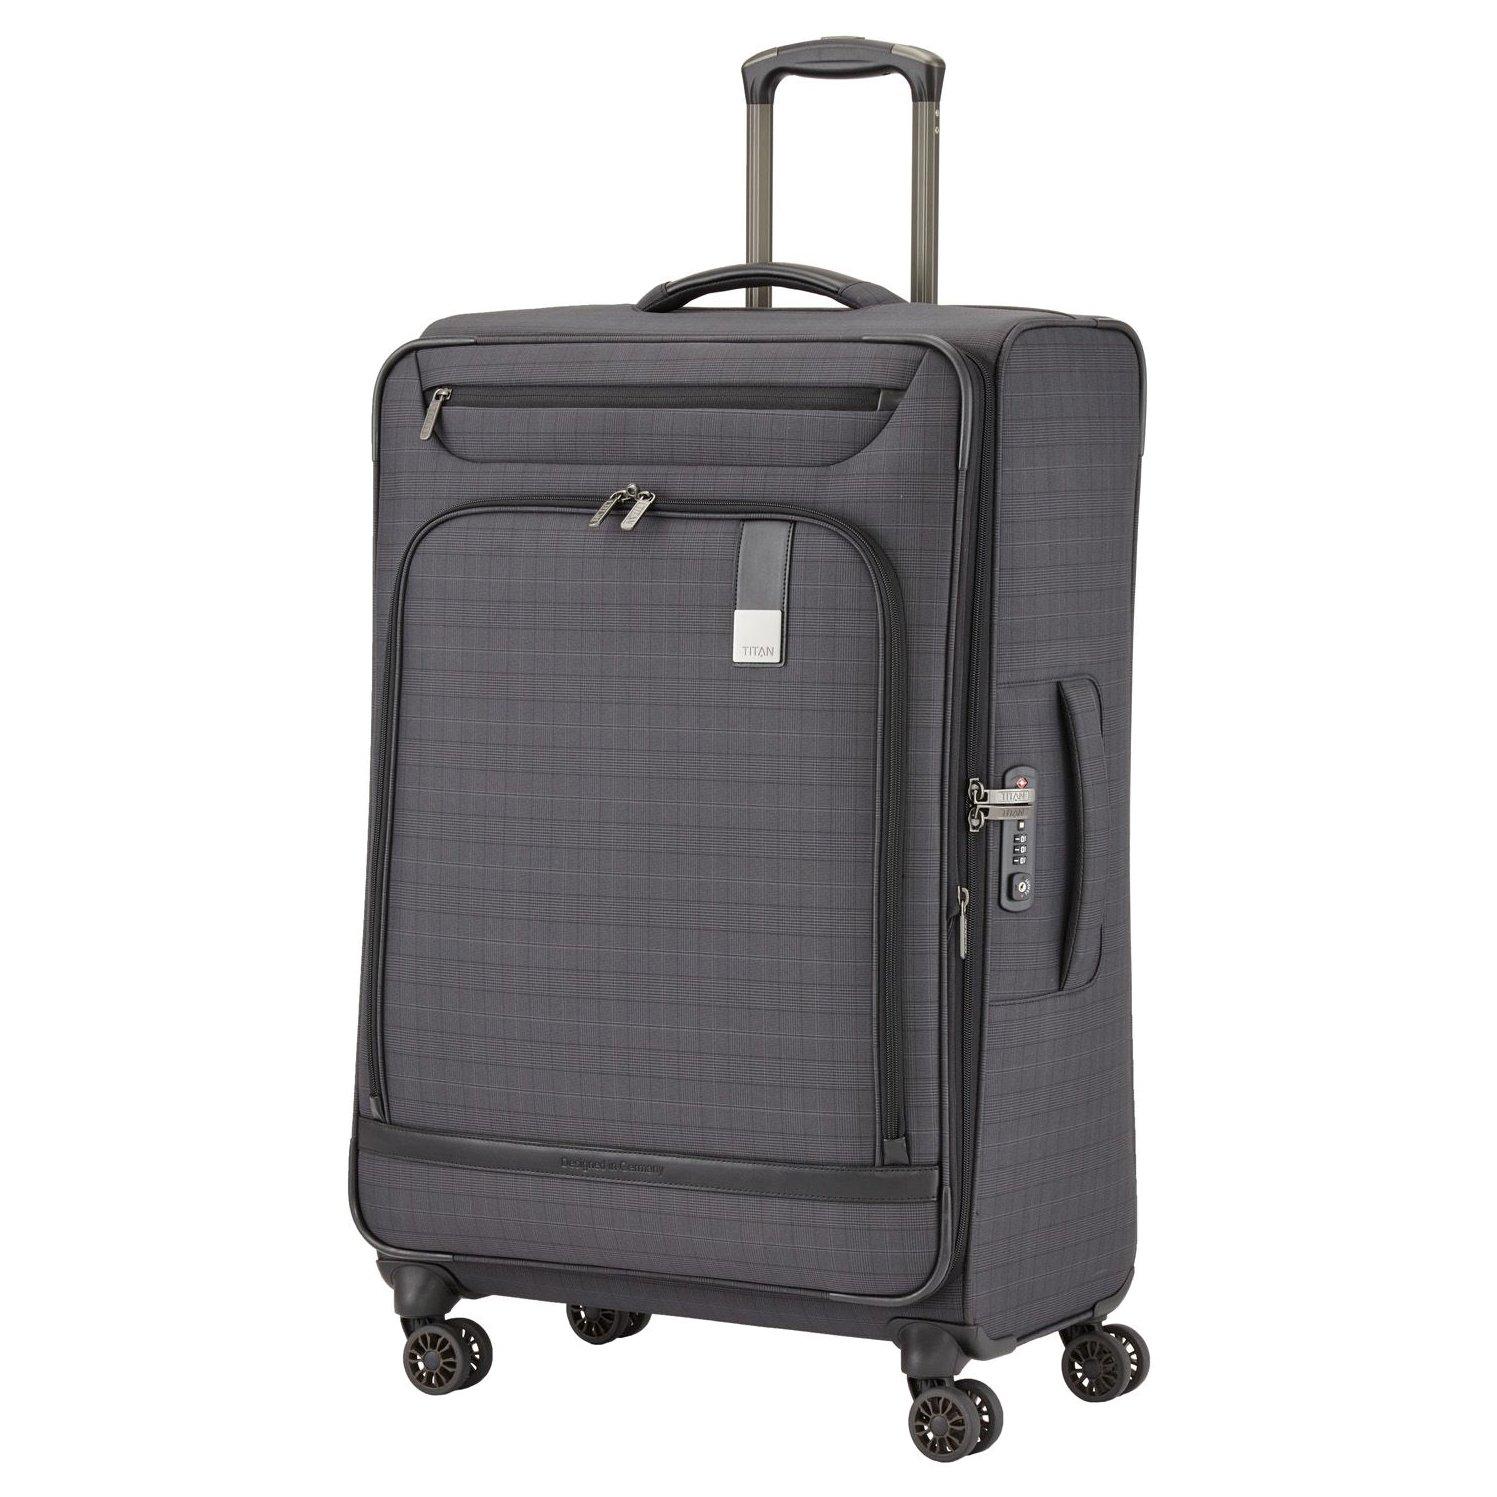 titan ceo 4 rollen trolley m 68 cm erweiterbar kaufen bei markenkoffer. Black Bedroom Furniture Sets. Home Design Ideas